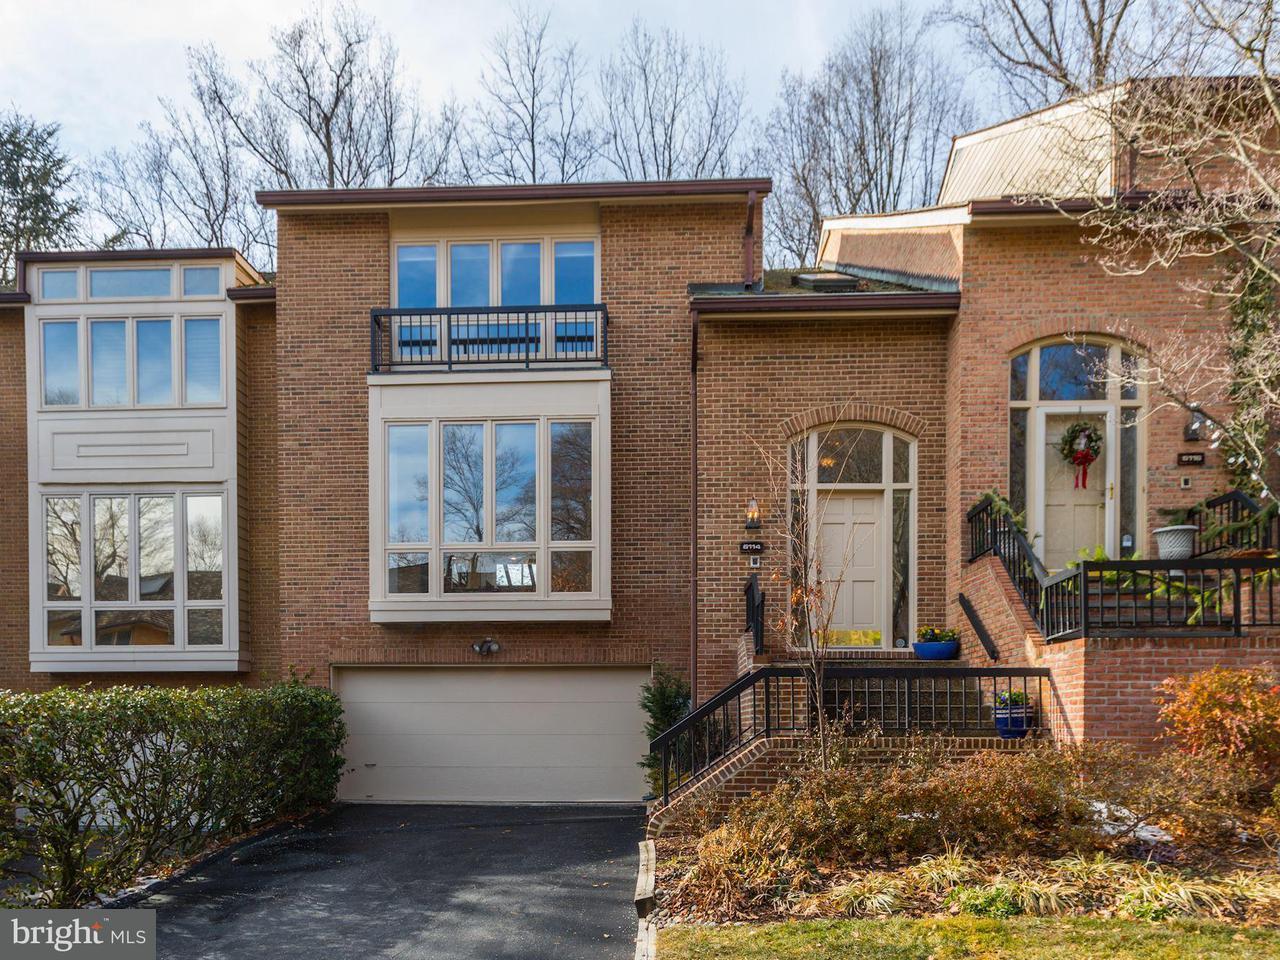 Casa unifamiliar adosada (Townhouse) por un Venta en 6114 Goldtree Way 6114 Goldtree Way Bethesda, Maryland 20817 Estados Unidos